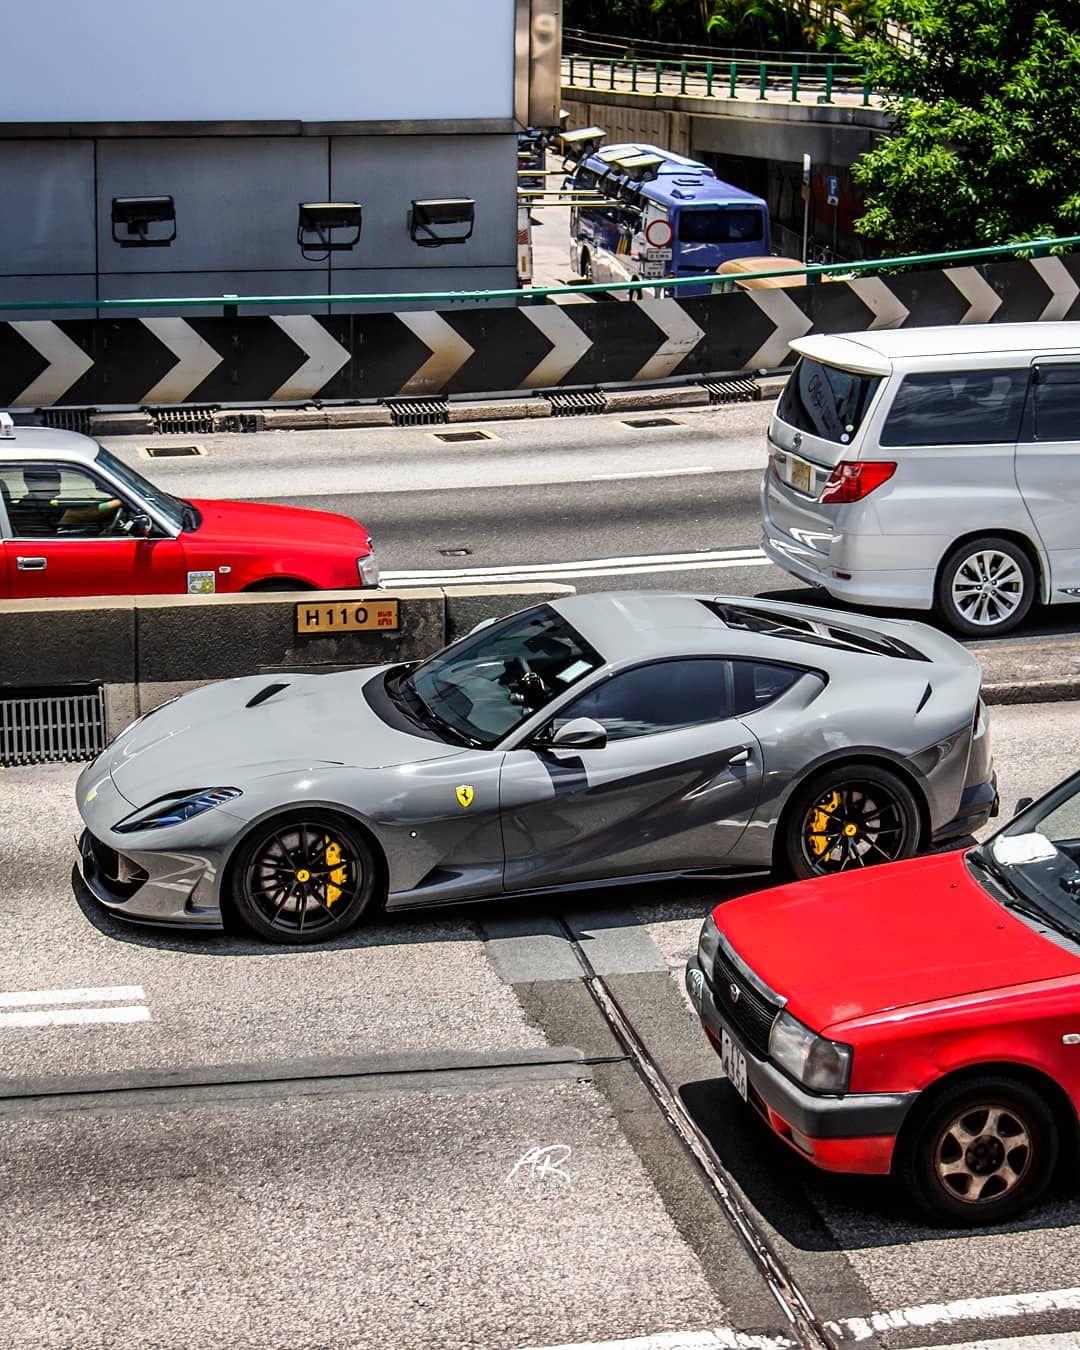 Nardo Grey 812!! #Ferrari #812 #Superfast #NardoGrey